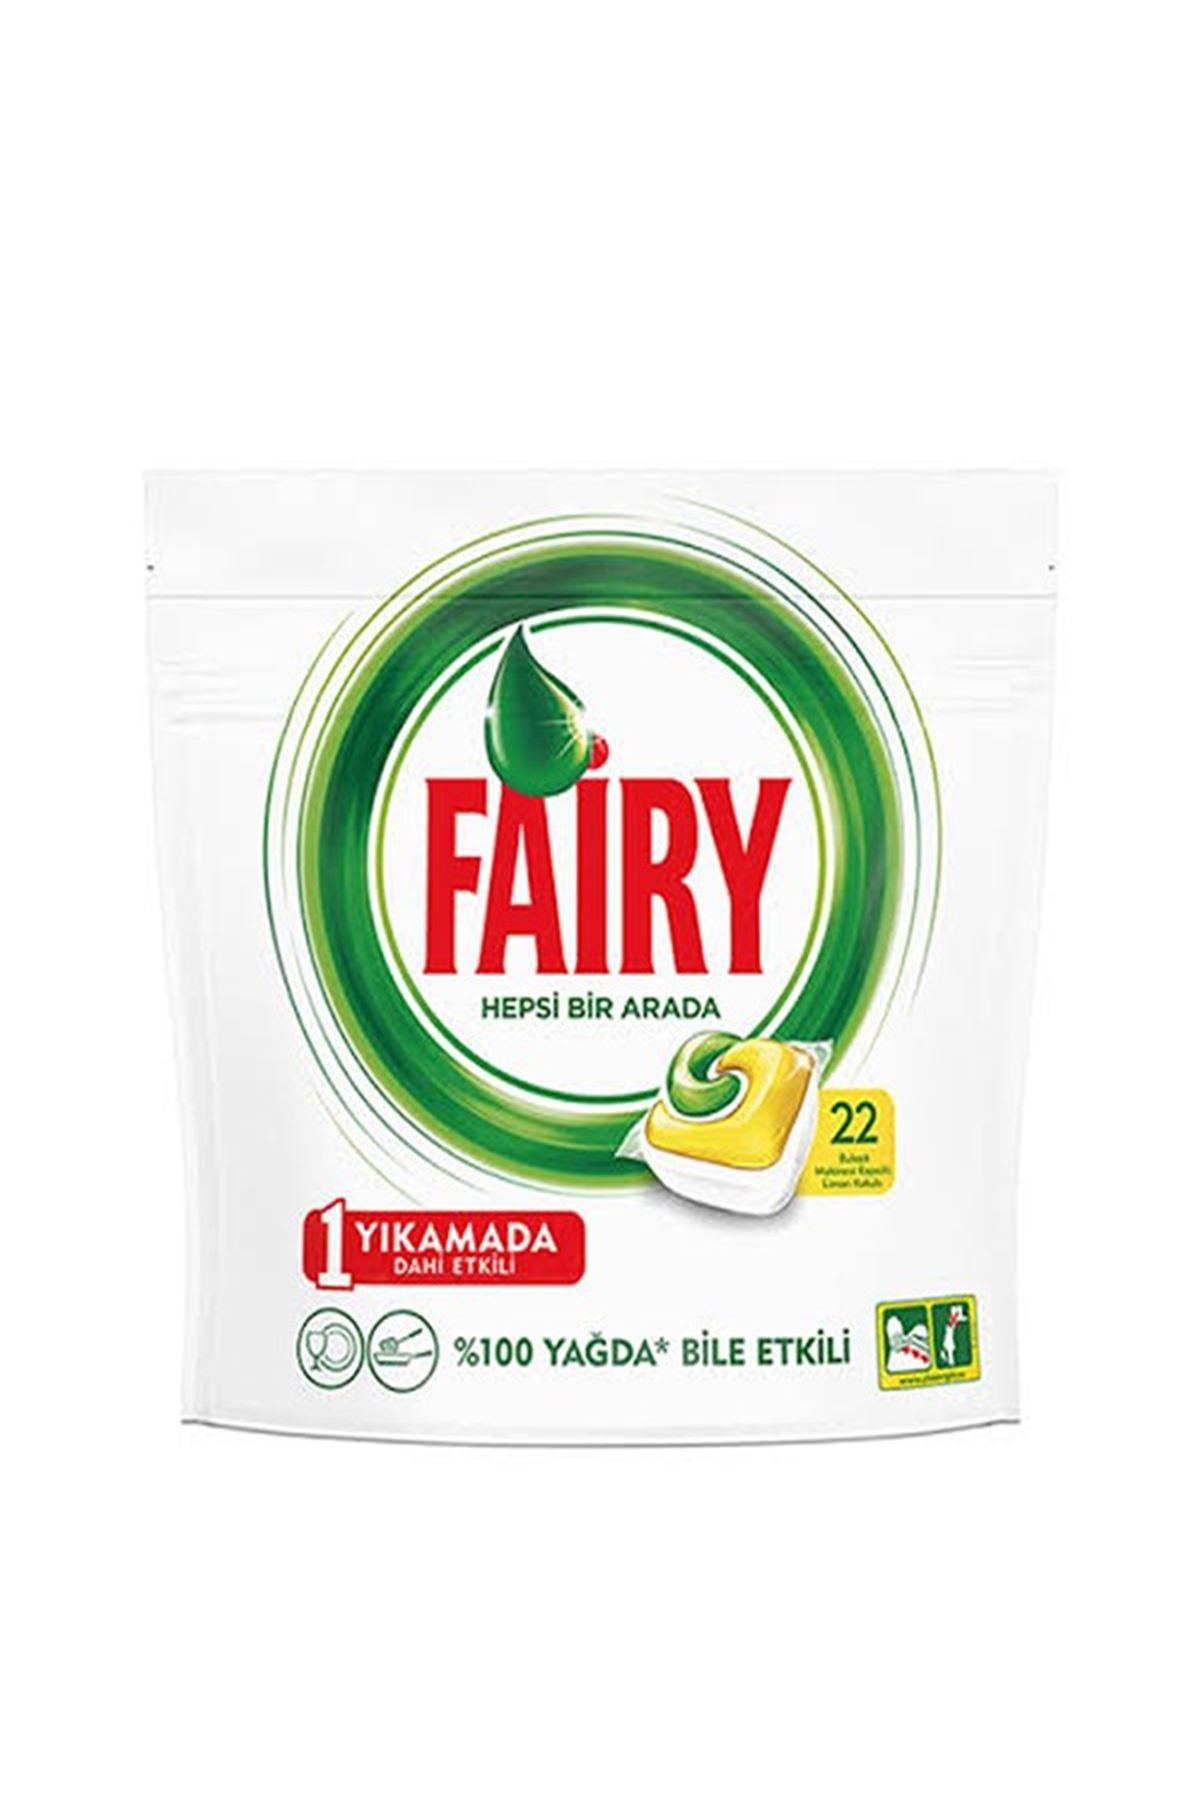 Fairy Hepsi Bir Arada Bulaşık Makinesi Deterjanı Kapsülü 'limon Kokulu' 22 Tablet